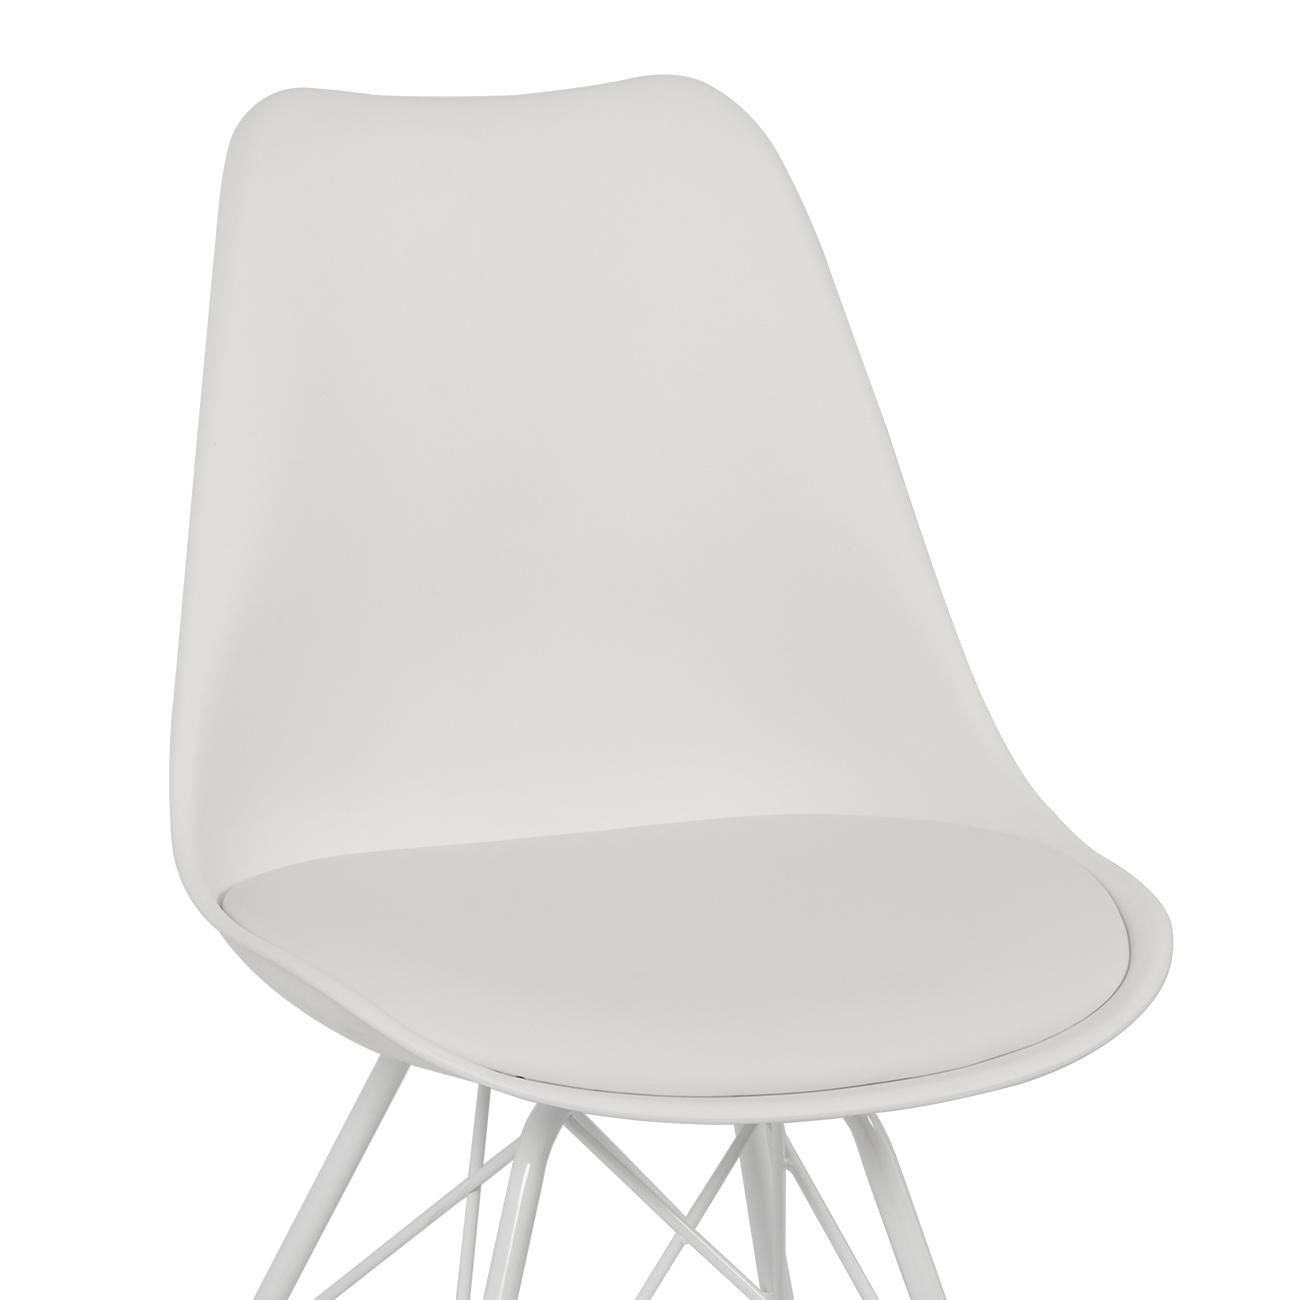 eames chair cushion leckey bath 2x eiffel dsw dsr dining lounge modern pu